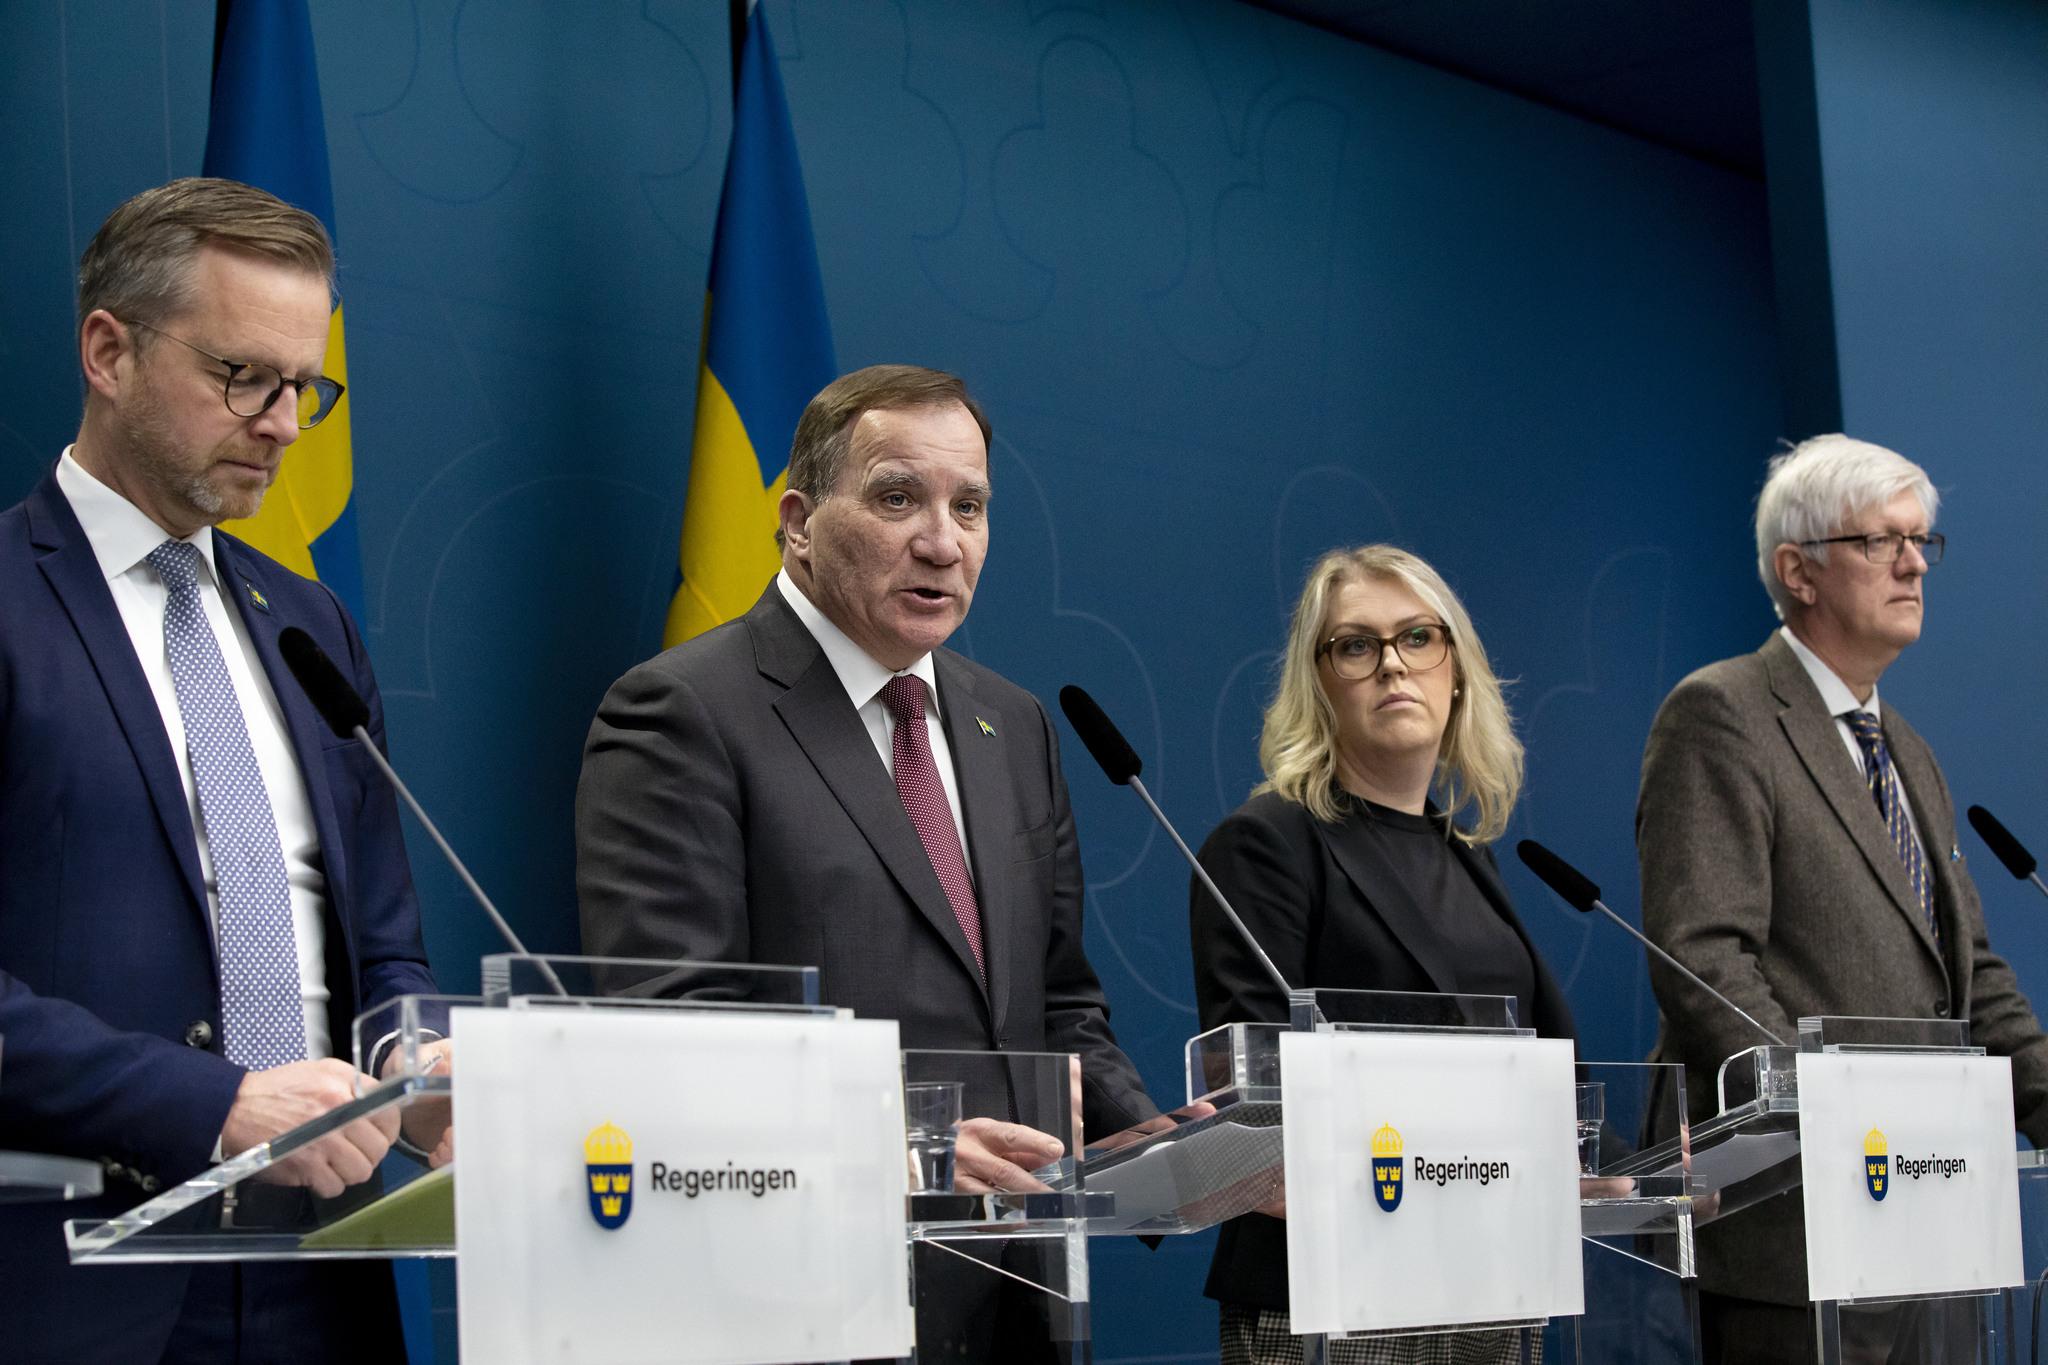 https://orientalreview.org/wp-content/uploads/2020/05/Sweden%E2%80%99s-herd-immunity-goal.jpg